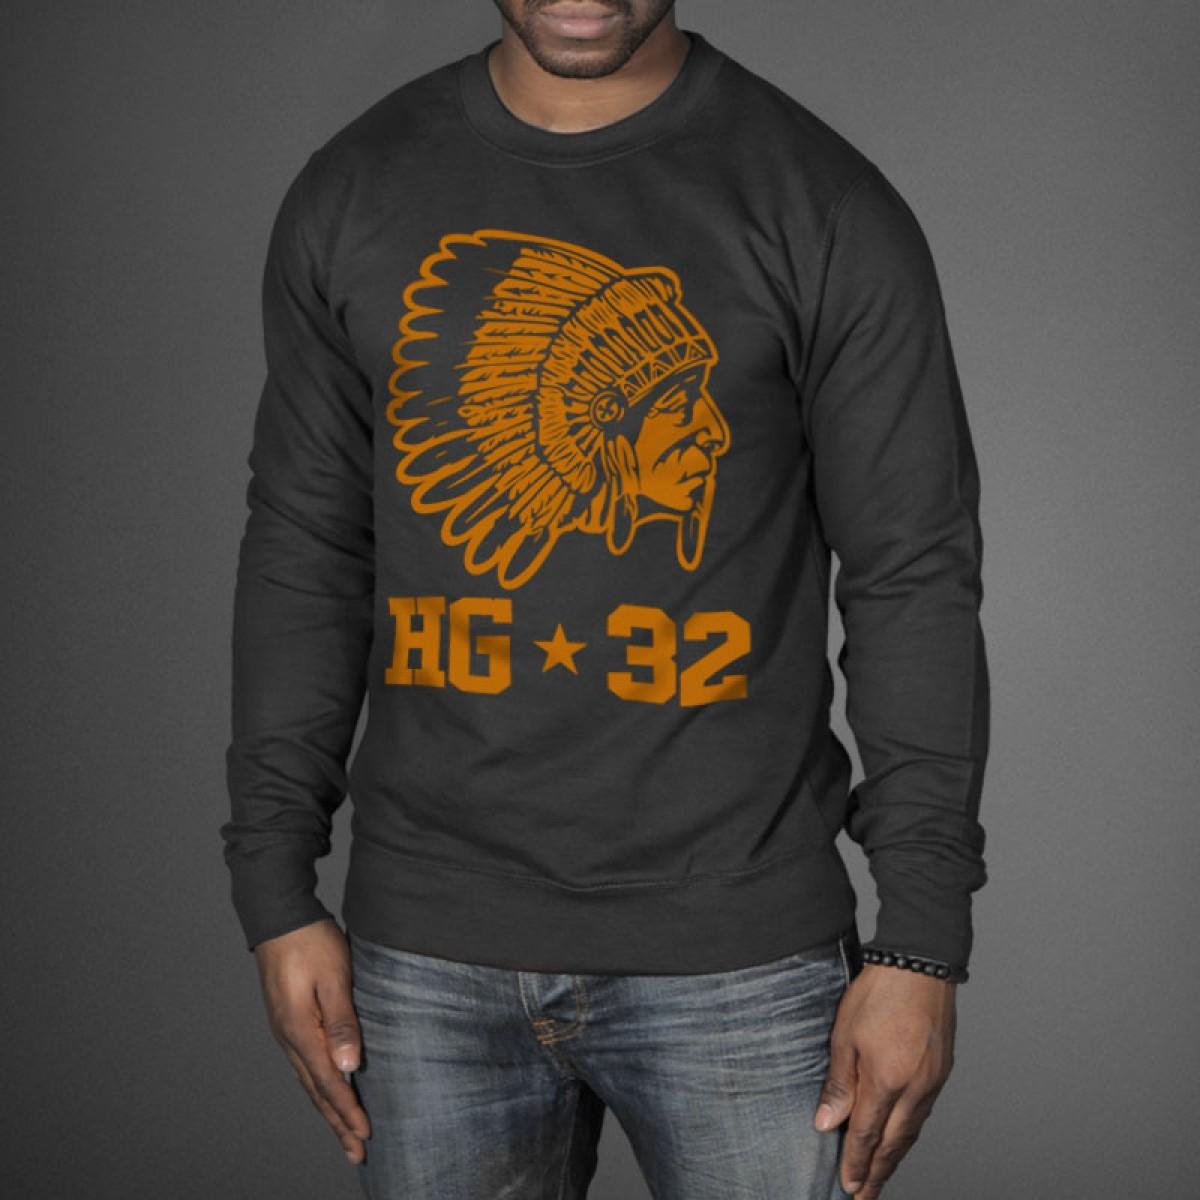 Hustle Gang Shirts 1200x1200